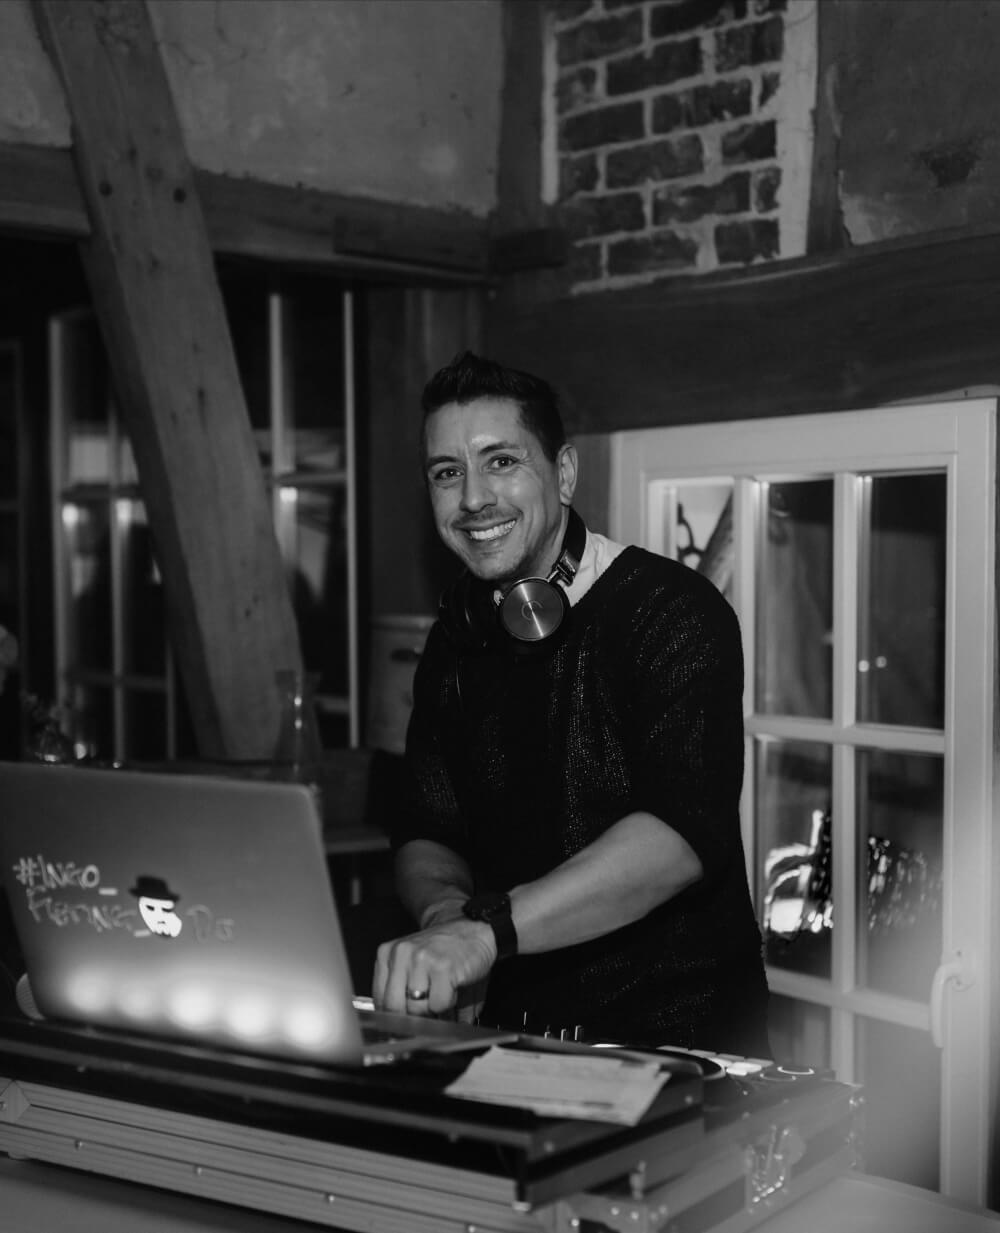 DJ Ingo Fieting in Aktion – gesehen bei frauimmer-herrewig.de